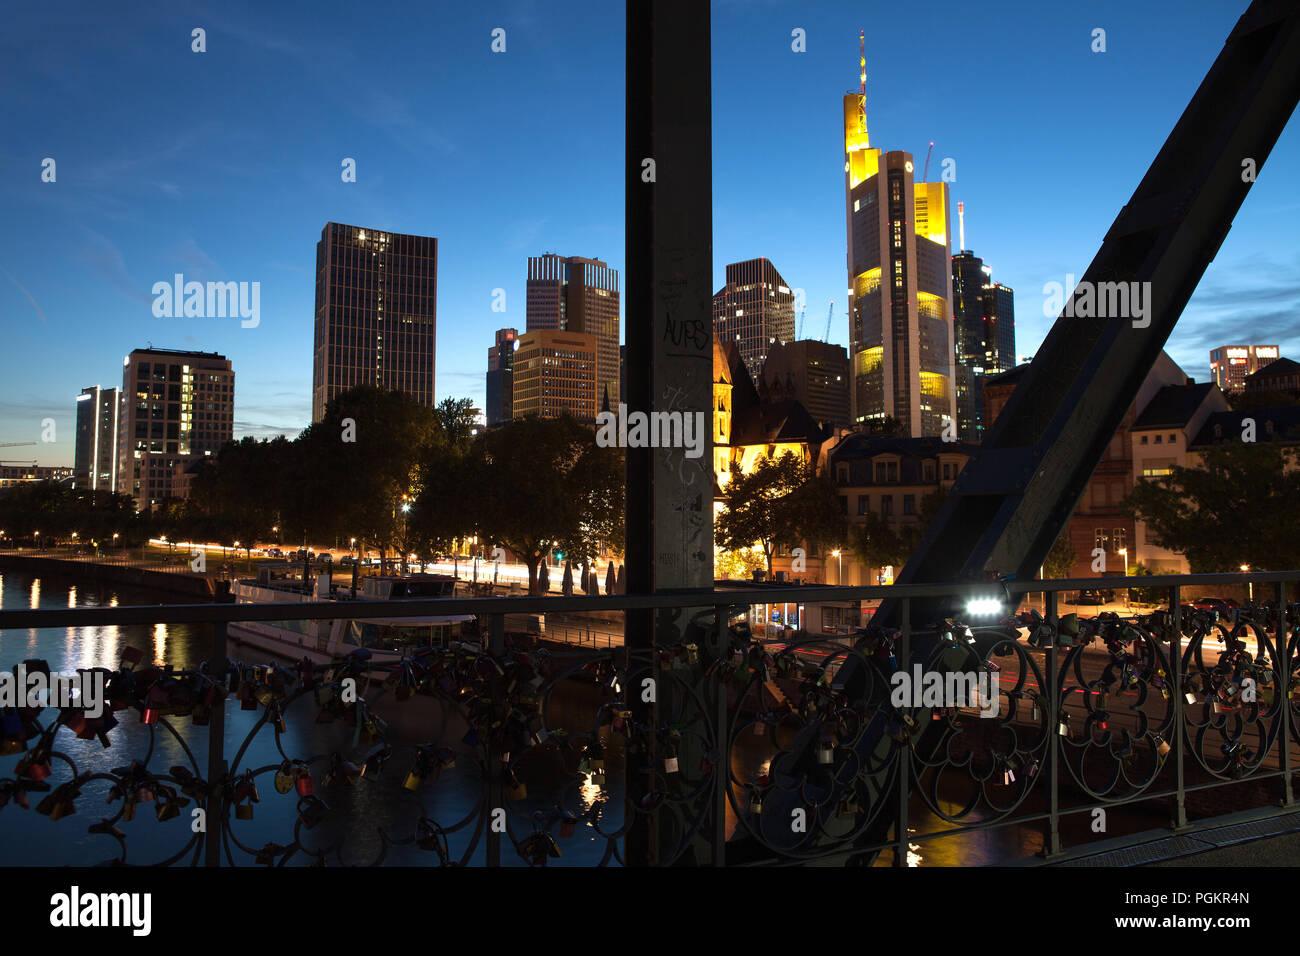 Europa Deutschland Hessen Rhein-Main Frankfurt am Main Eiserner Steg Skyline bei Nacht Wolkenkratzer im Finanzviertel - Stock Image